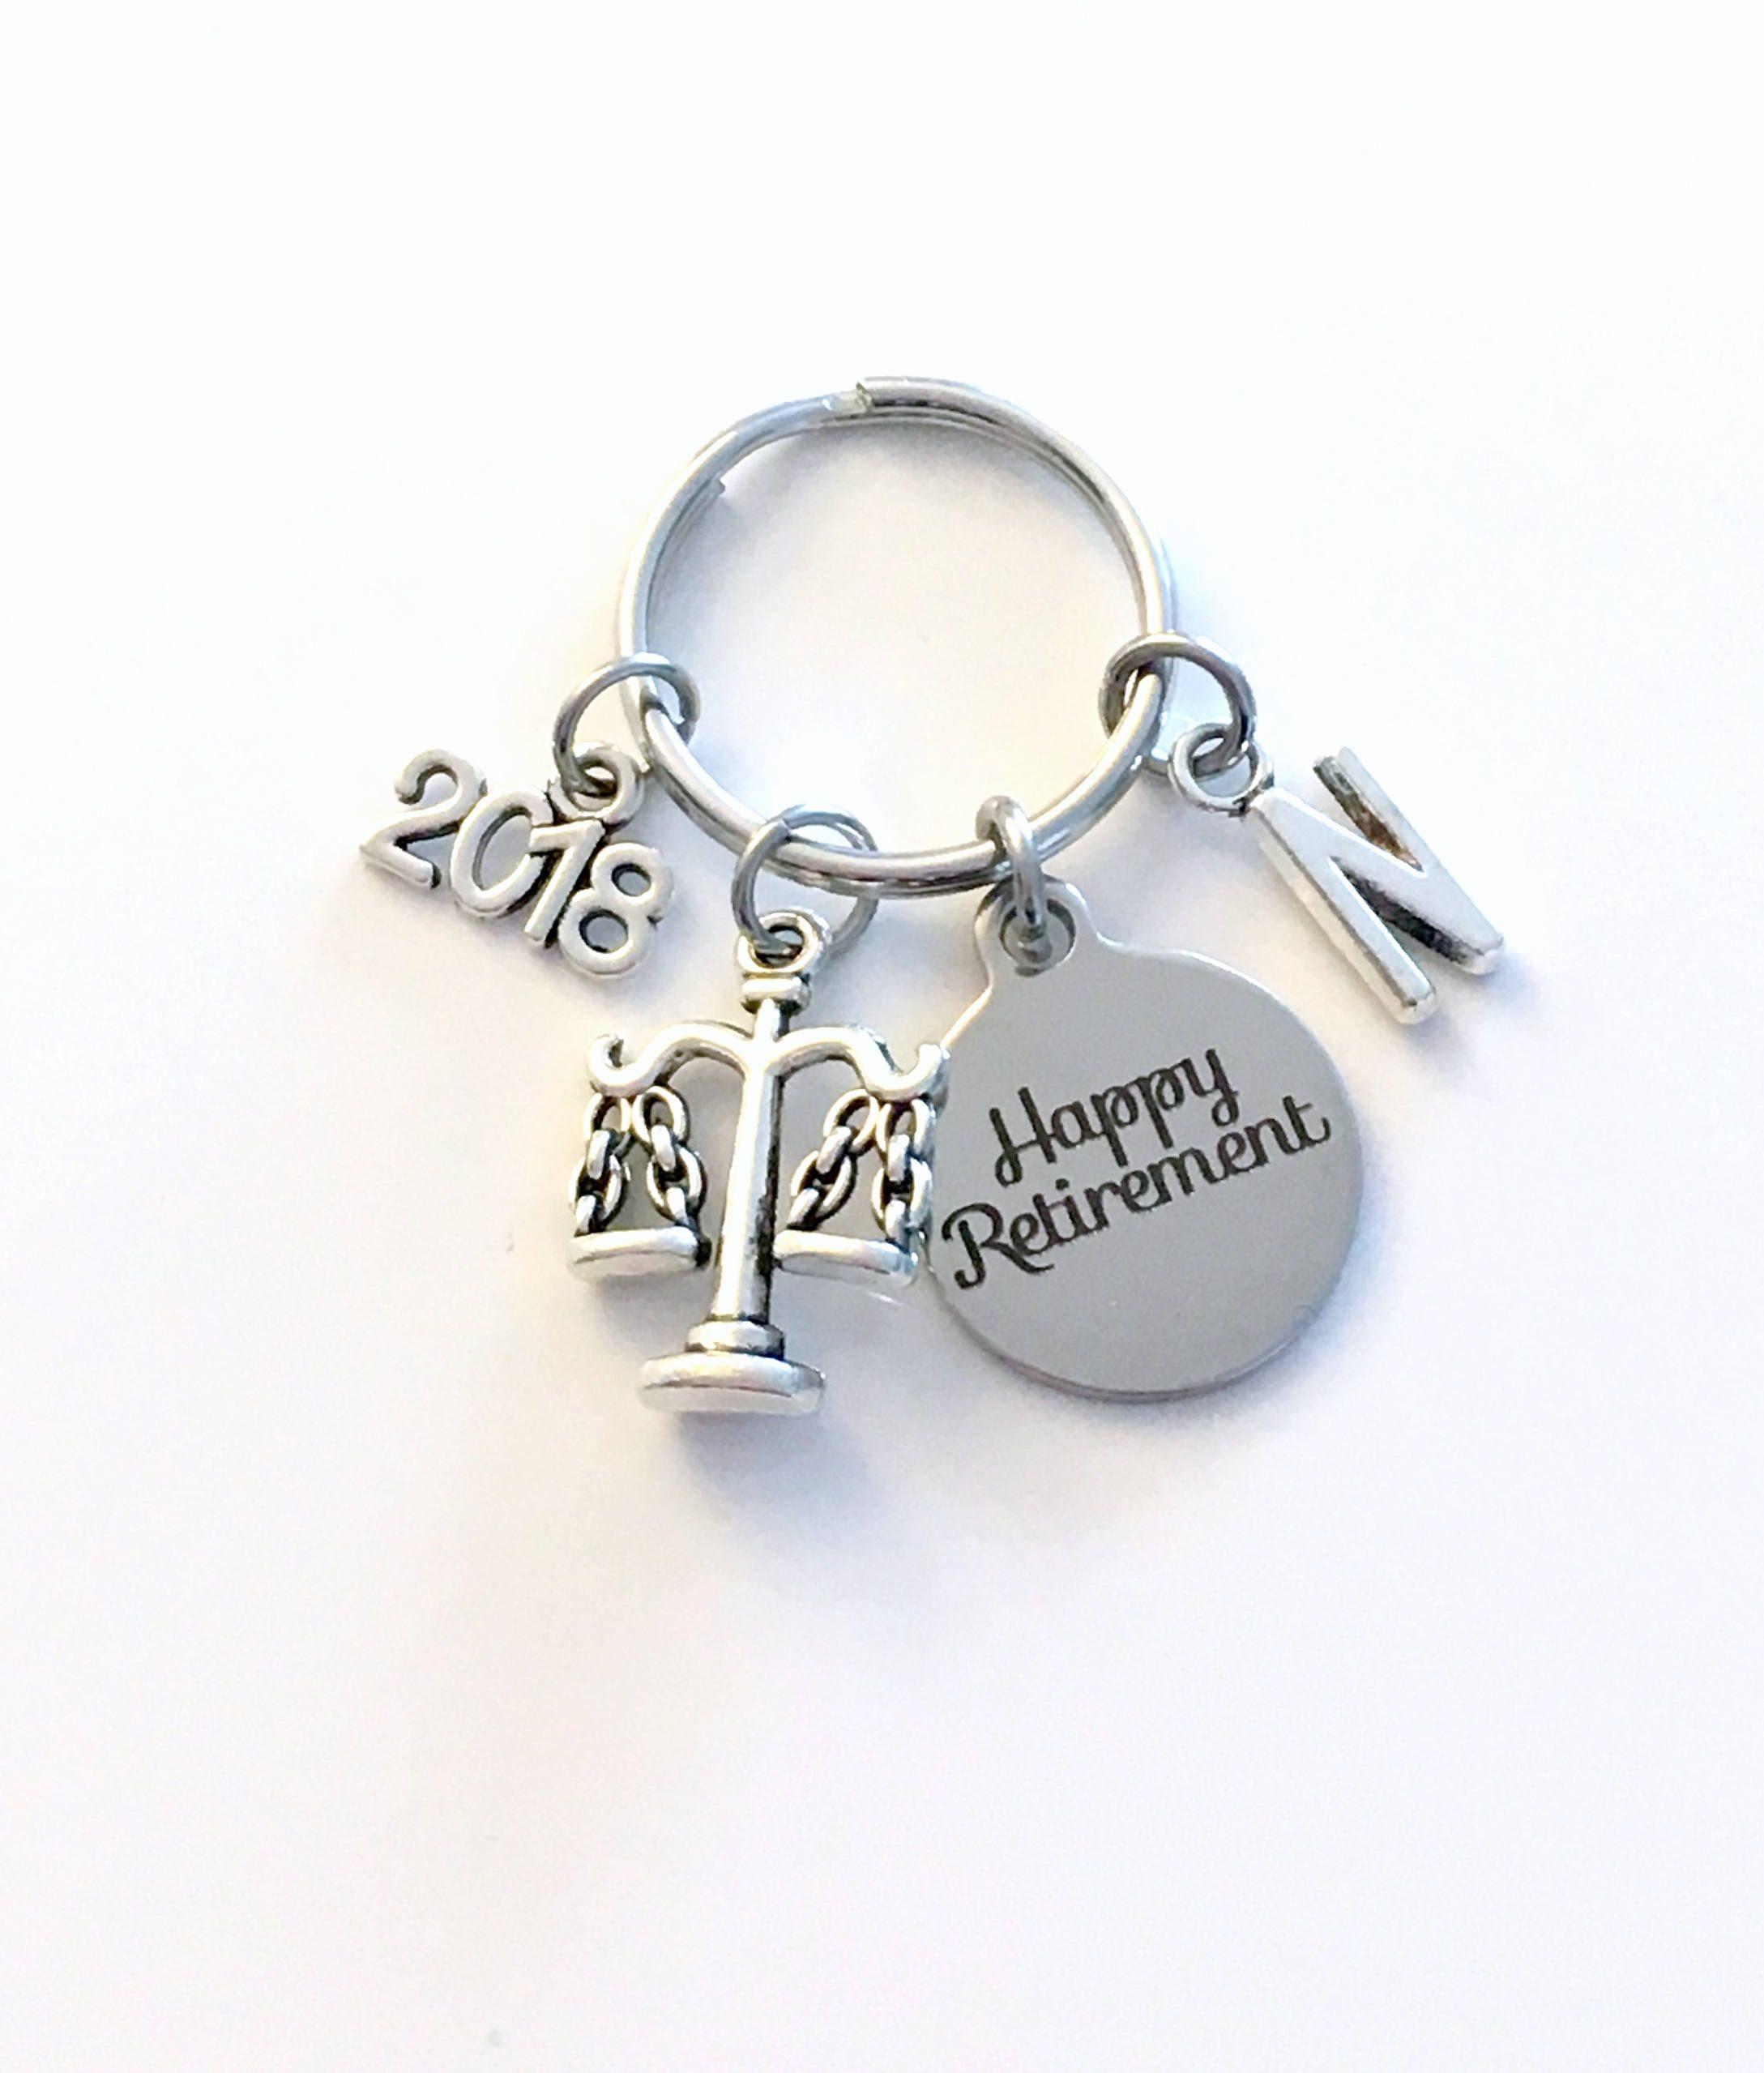 Lawyer key chain Lawyer keychain Lawyer gift Lawyer Present Lawyer keychain Law